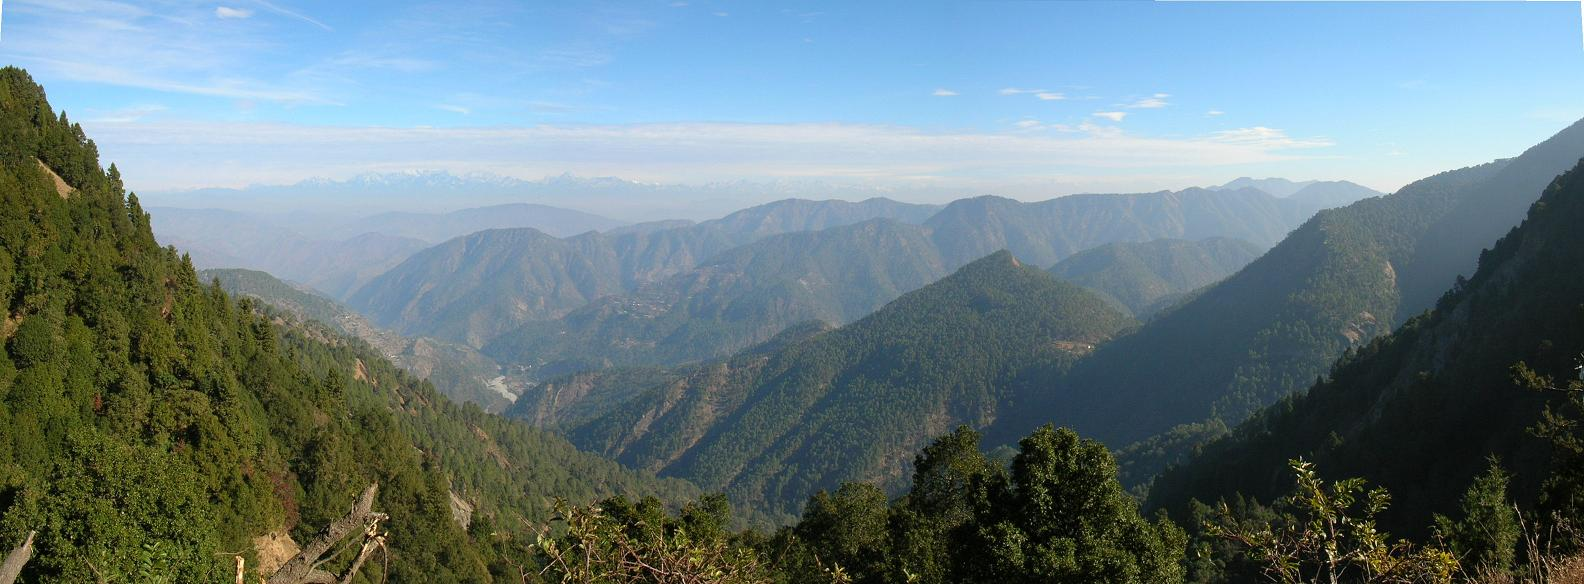 Darjeeling panorama 2